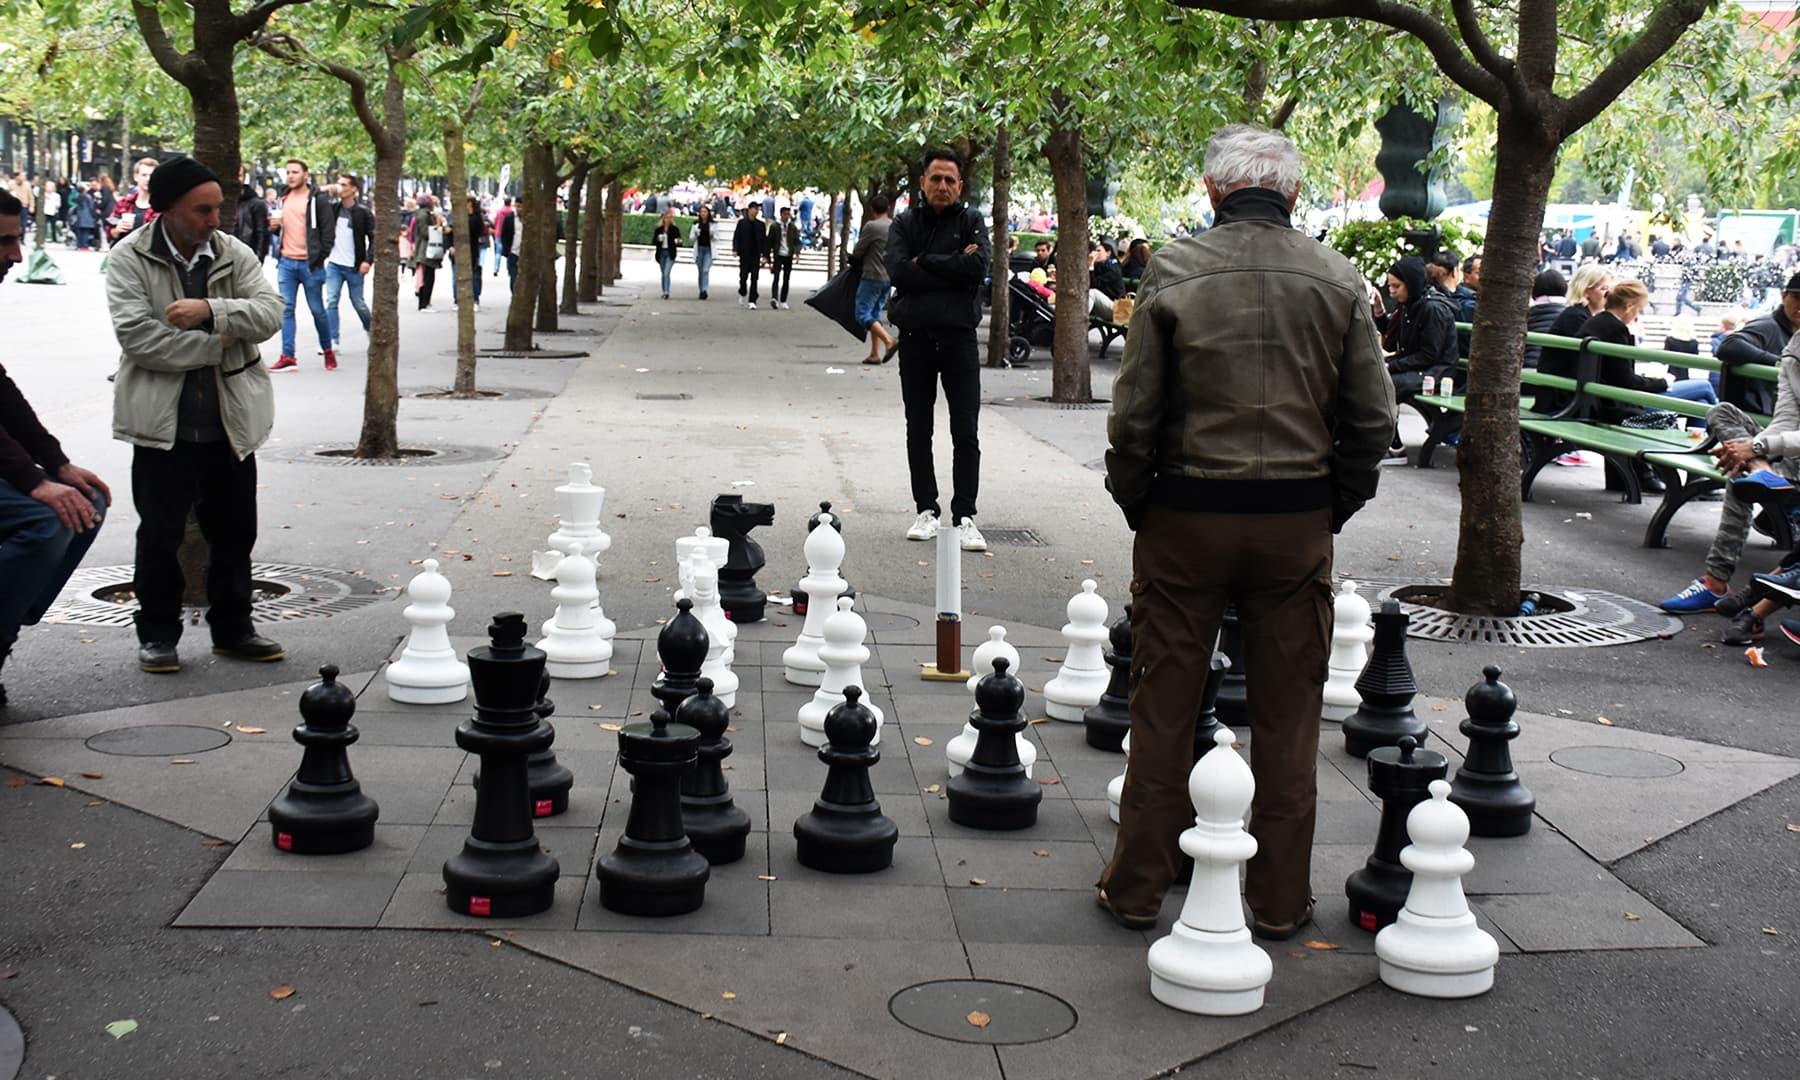 اسٹاک ہوم میں موجود بڑے بڑے مہروں والی شطرنج کی بساط—تصویر رمضان رفیق